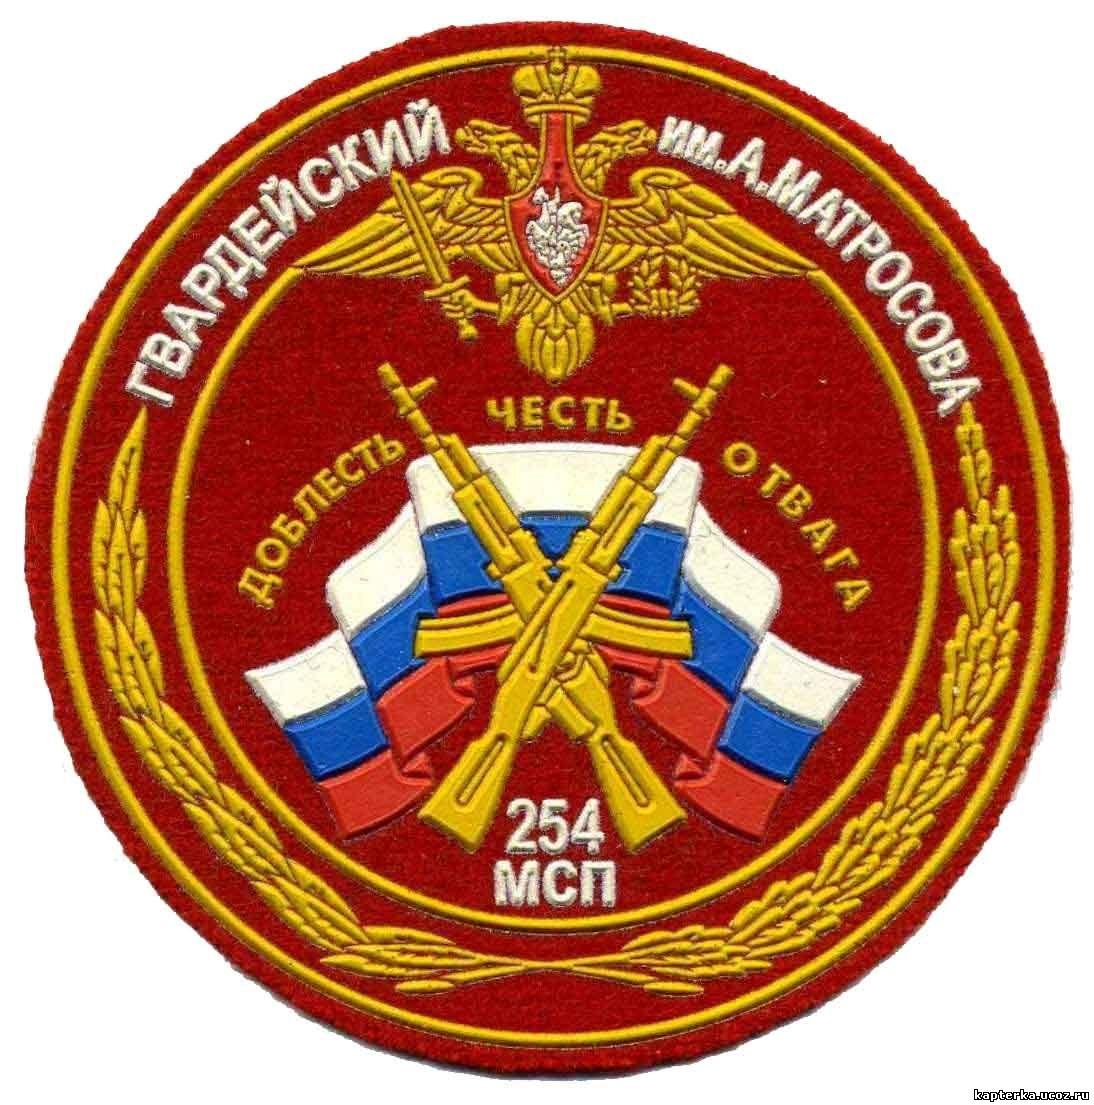 Мотострелковый полк им аматросова